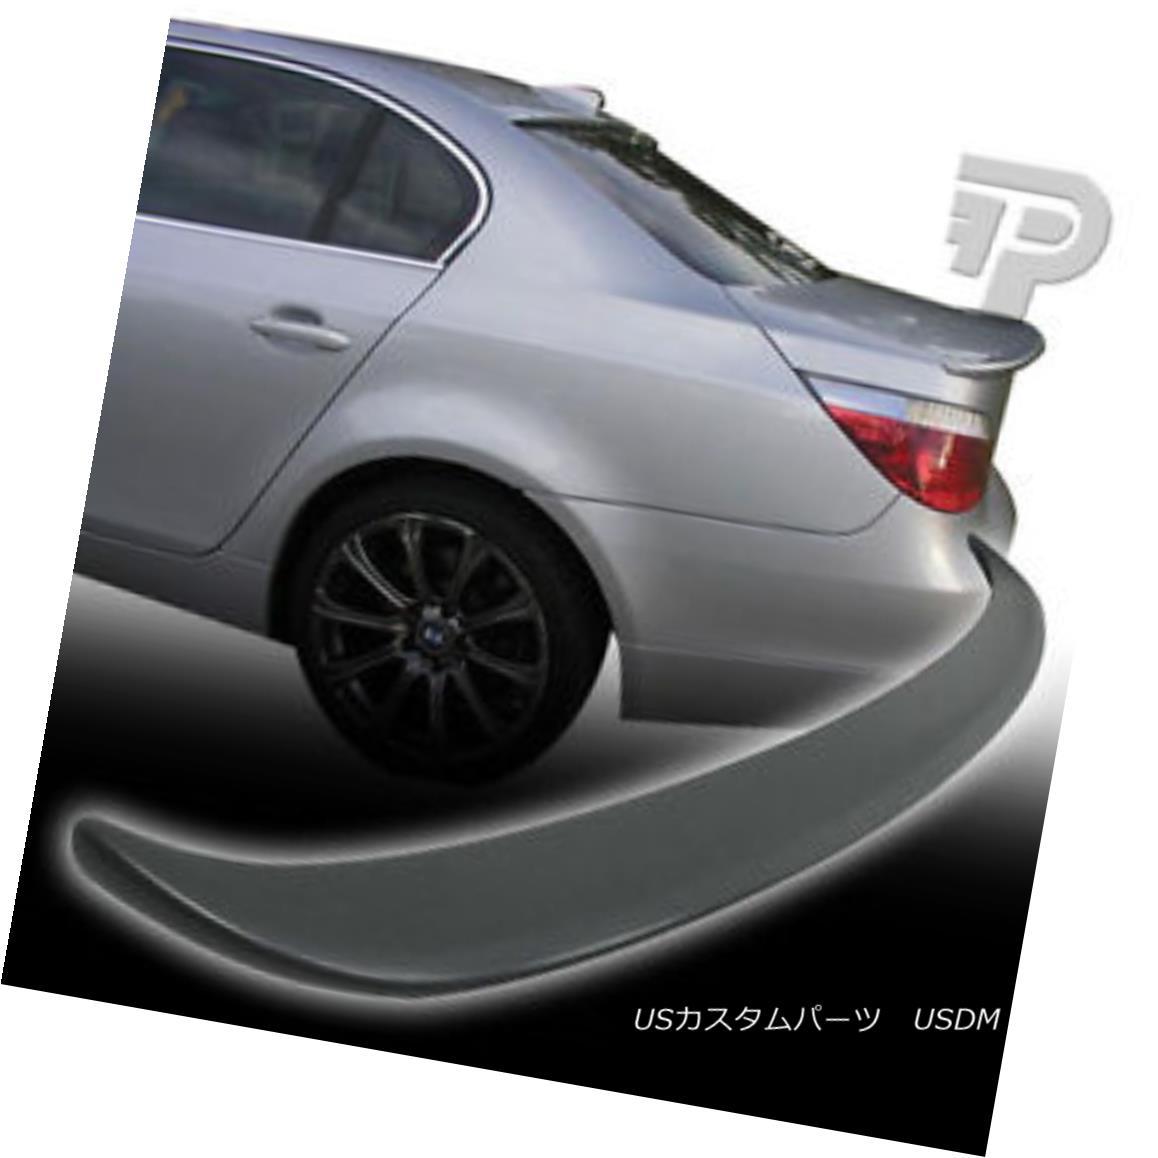 【全商品オープニング価格 特別価格】 エアロパーツ BMW E60 4DR SEDAN A STYLE REAR BOOT TRUNK SPOILER 4D 04-10 BMW E60 4DRセダンスタイルリヤブーツトランクスポイラー4D 04-10, 新篠津村 1510d29c